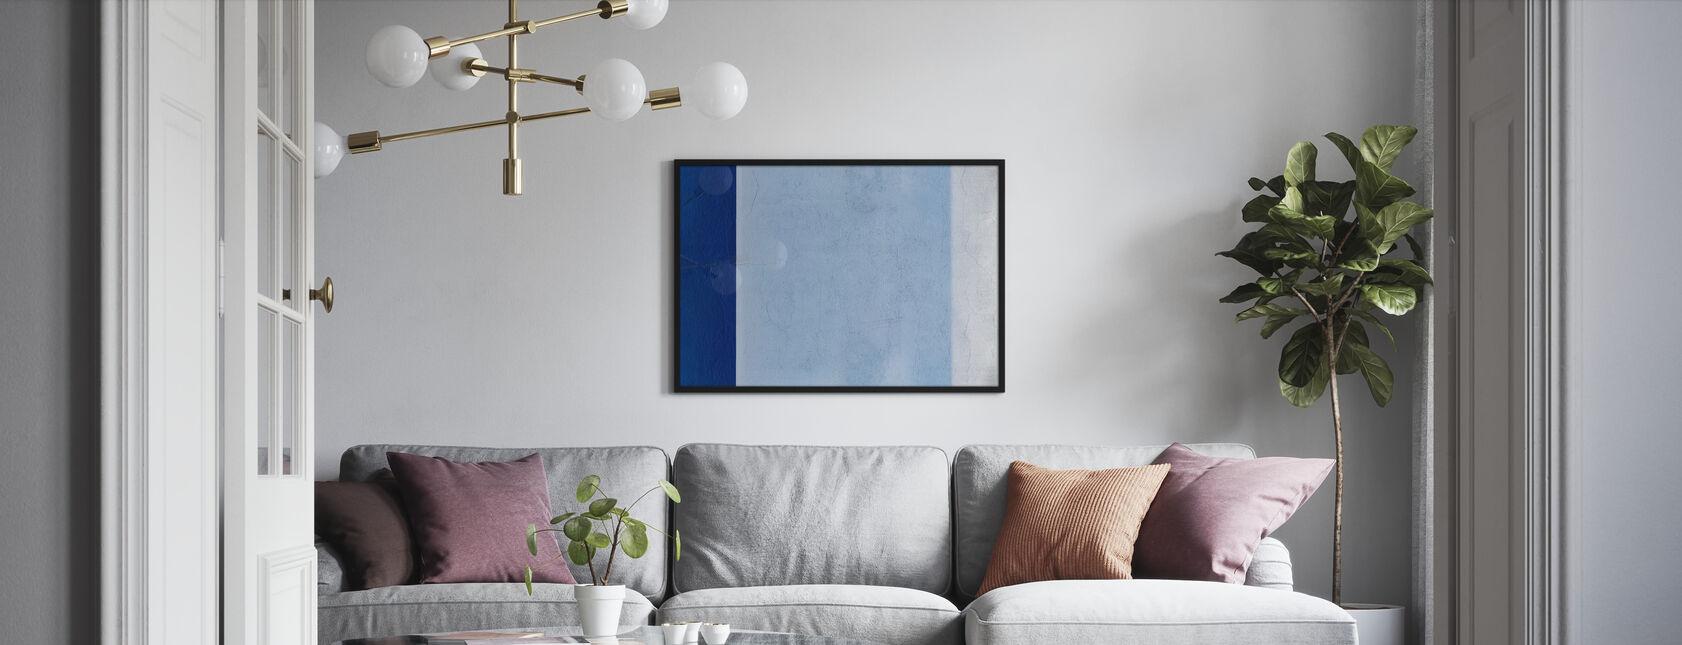 Blaue Wand - Poster - Wohnzimmer